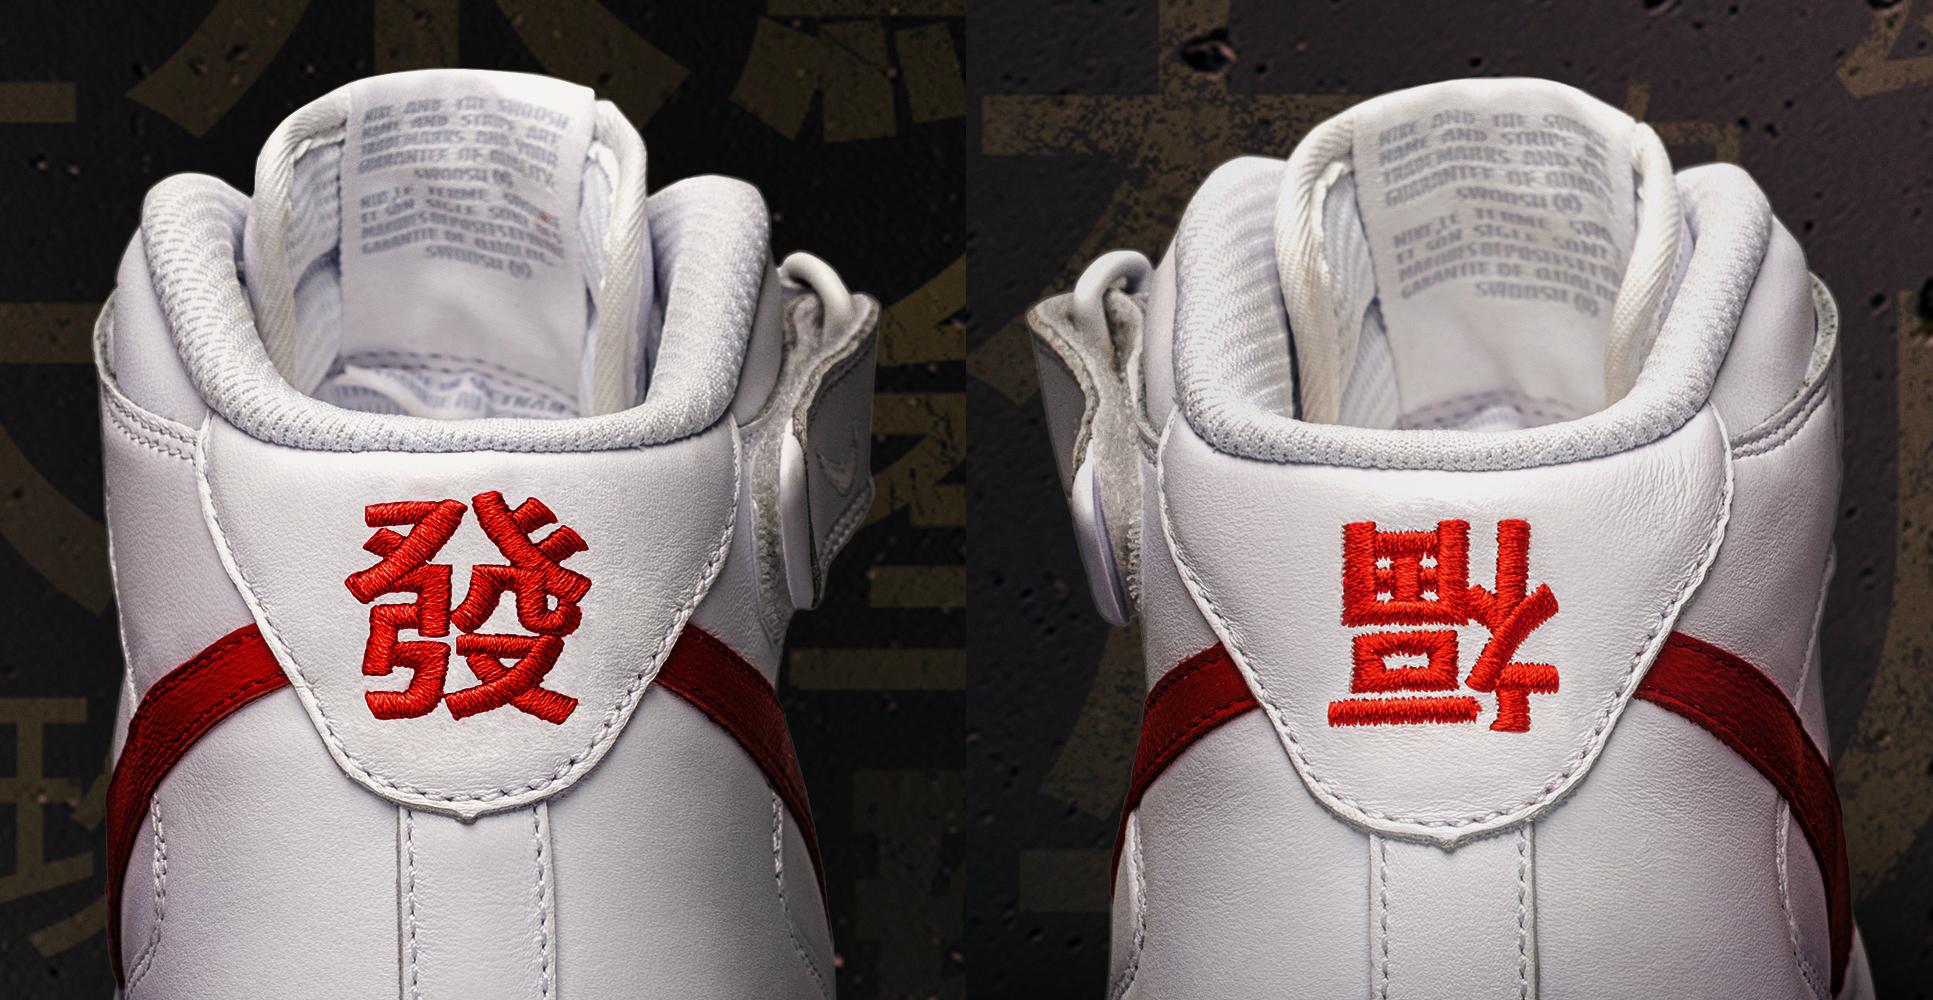 """Đôi giày """"xấu số"""" của Nike (cre: 毛記電視)"""